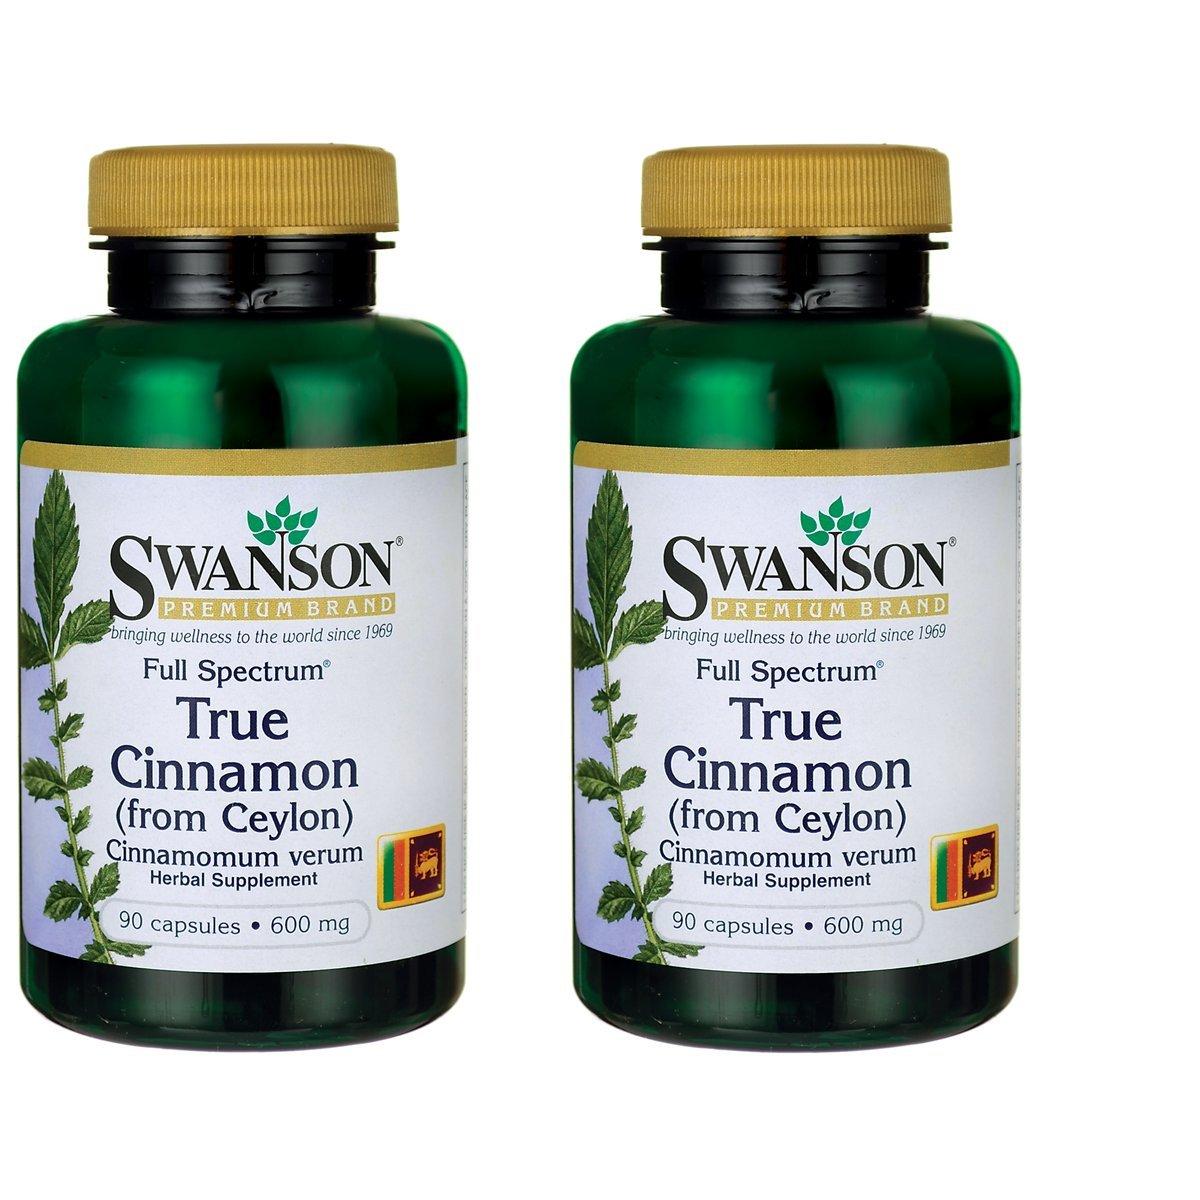 Swanson Full Spectrum True Cinnamon 600 Milligram, 90 Caps (Pack of 2)